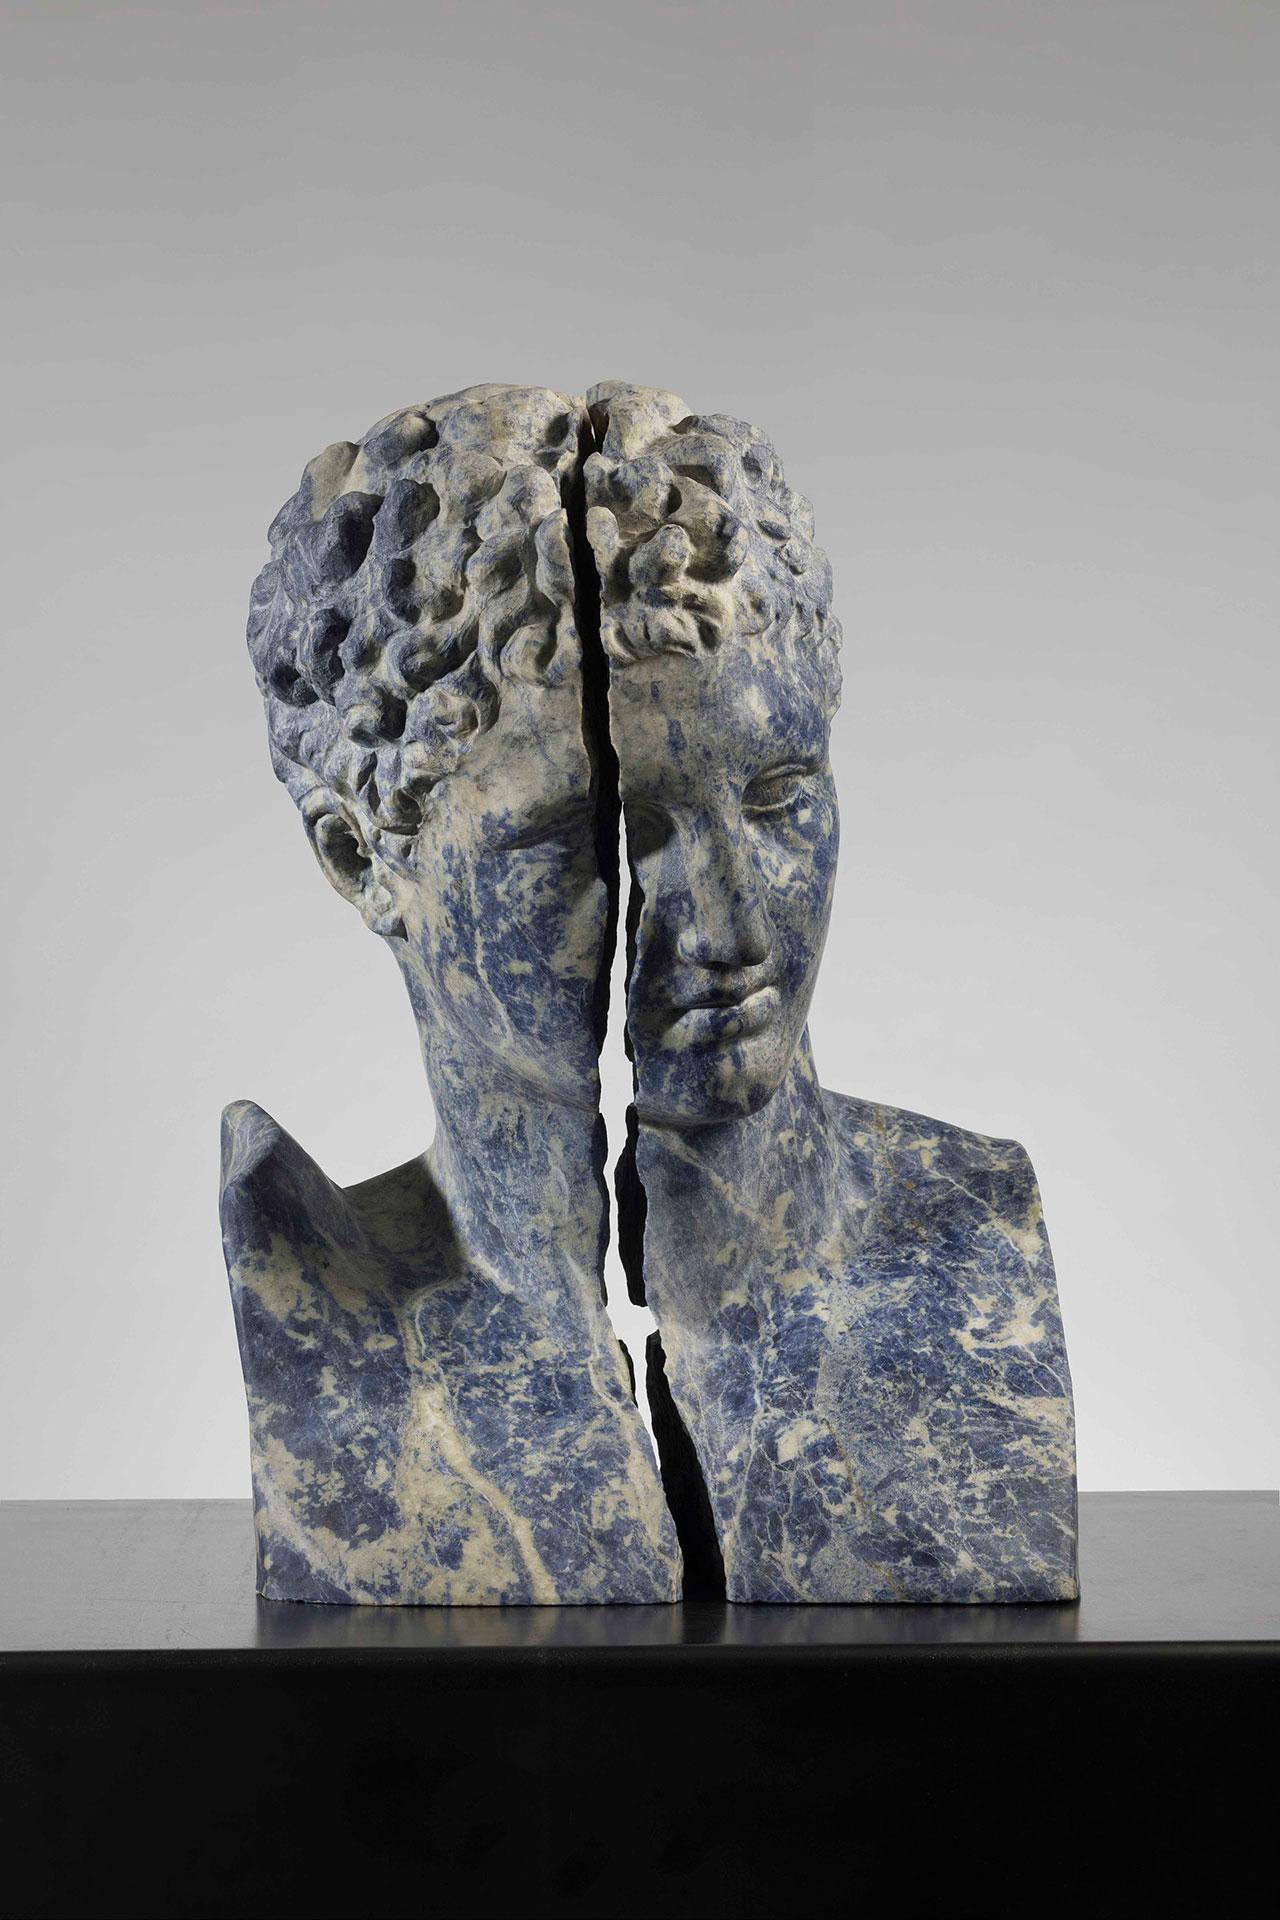 Massimiliano Pelletti,Broken Blue, 2017.Bolivian sodalite, 56 x 41 x 35 cm.